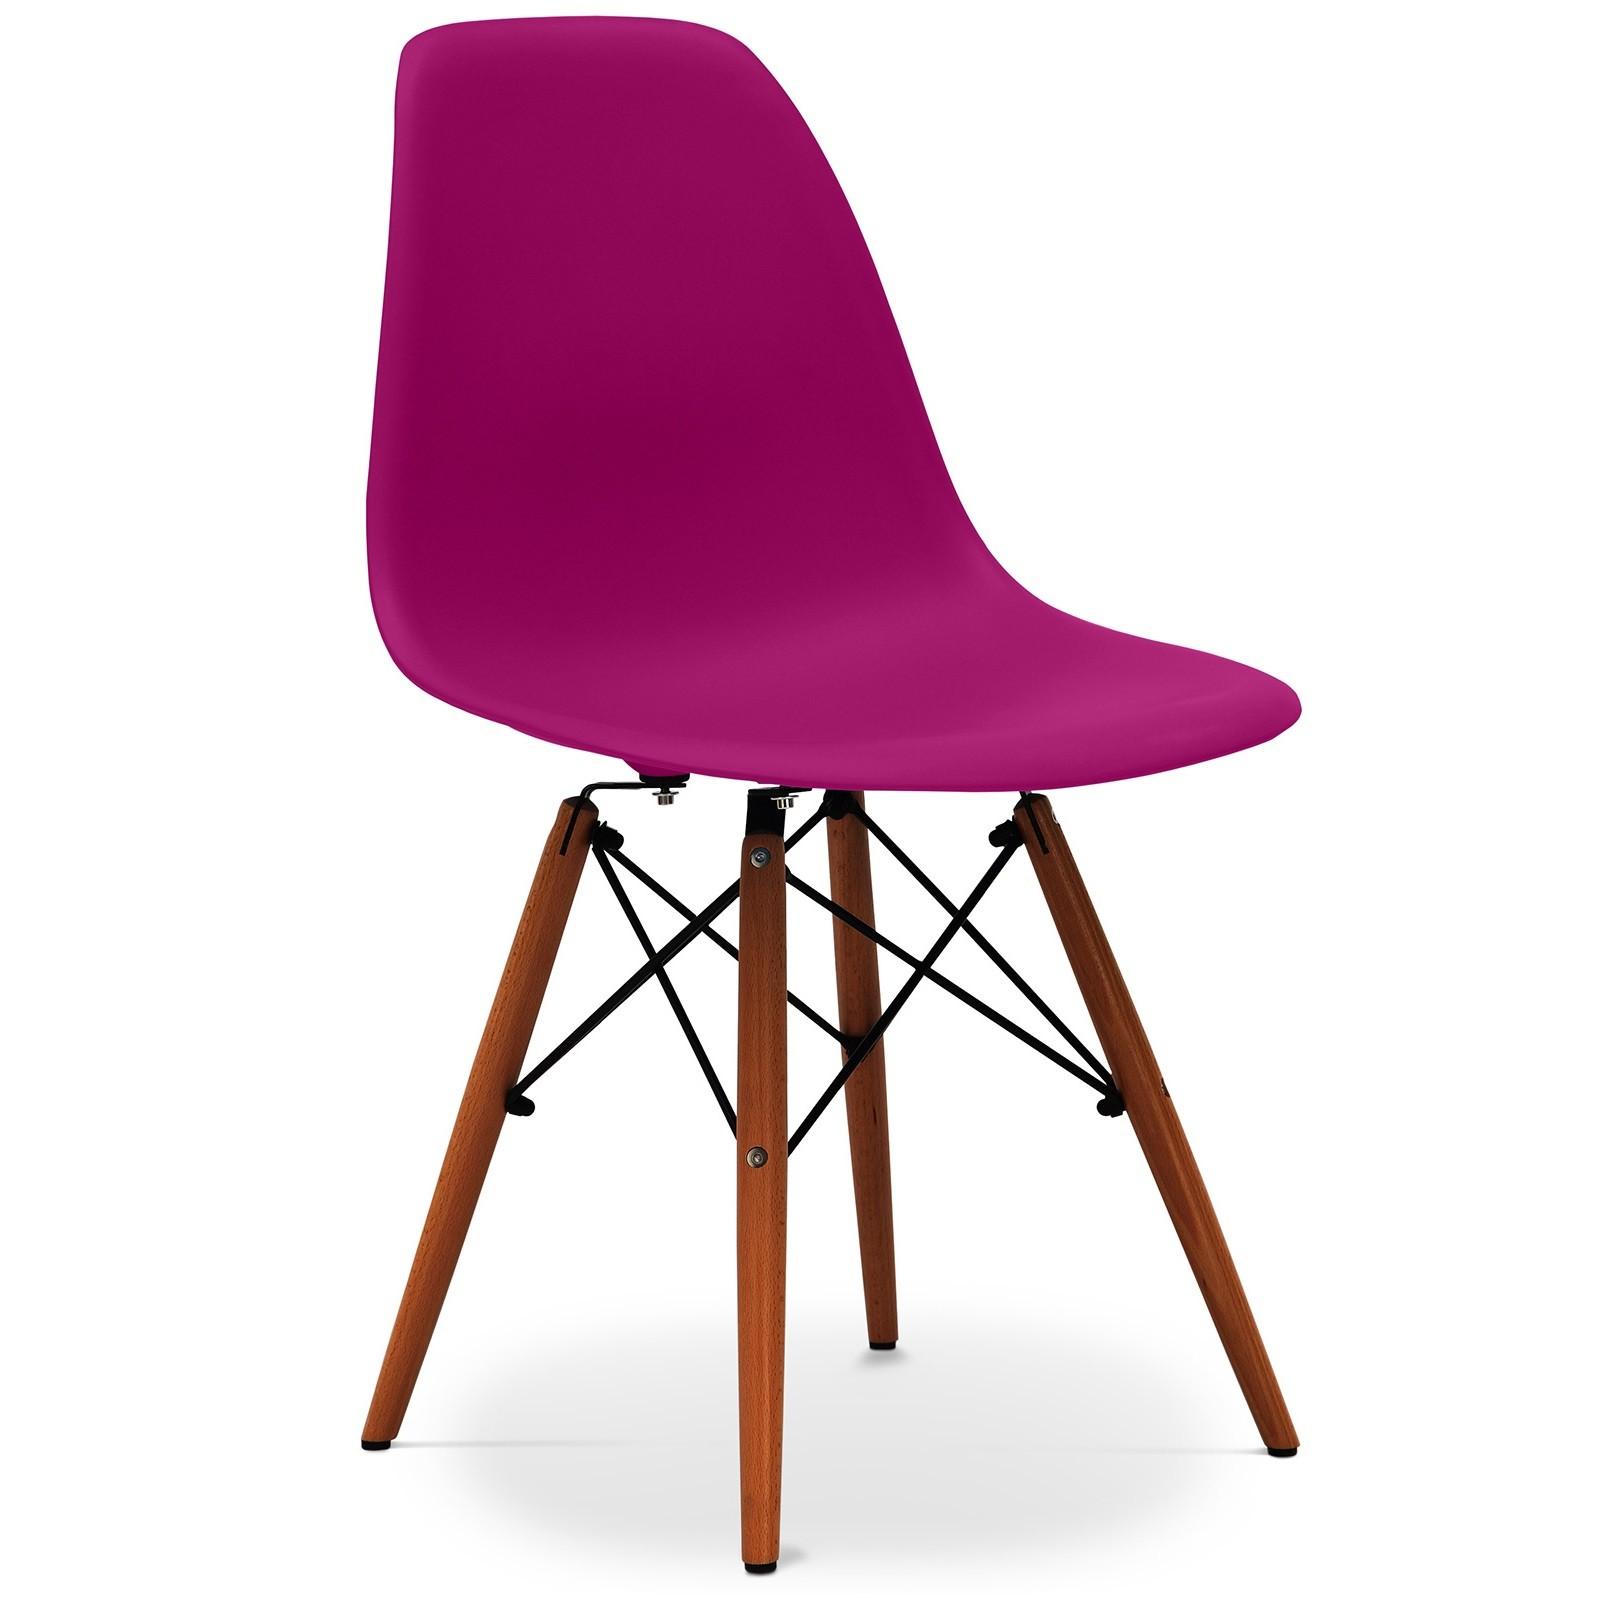 chaise violet mat et pieds h tre fonc geneva lot de 2. Black Bedroom Furniture Sets. Home Design Ideas